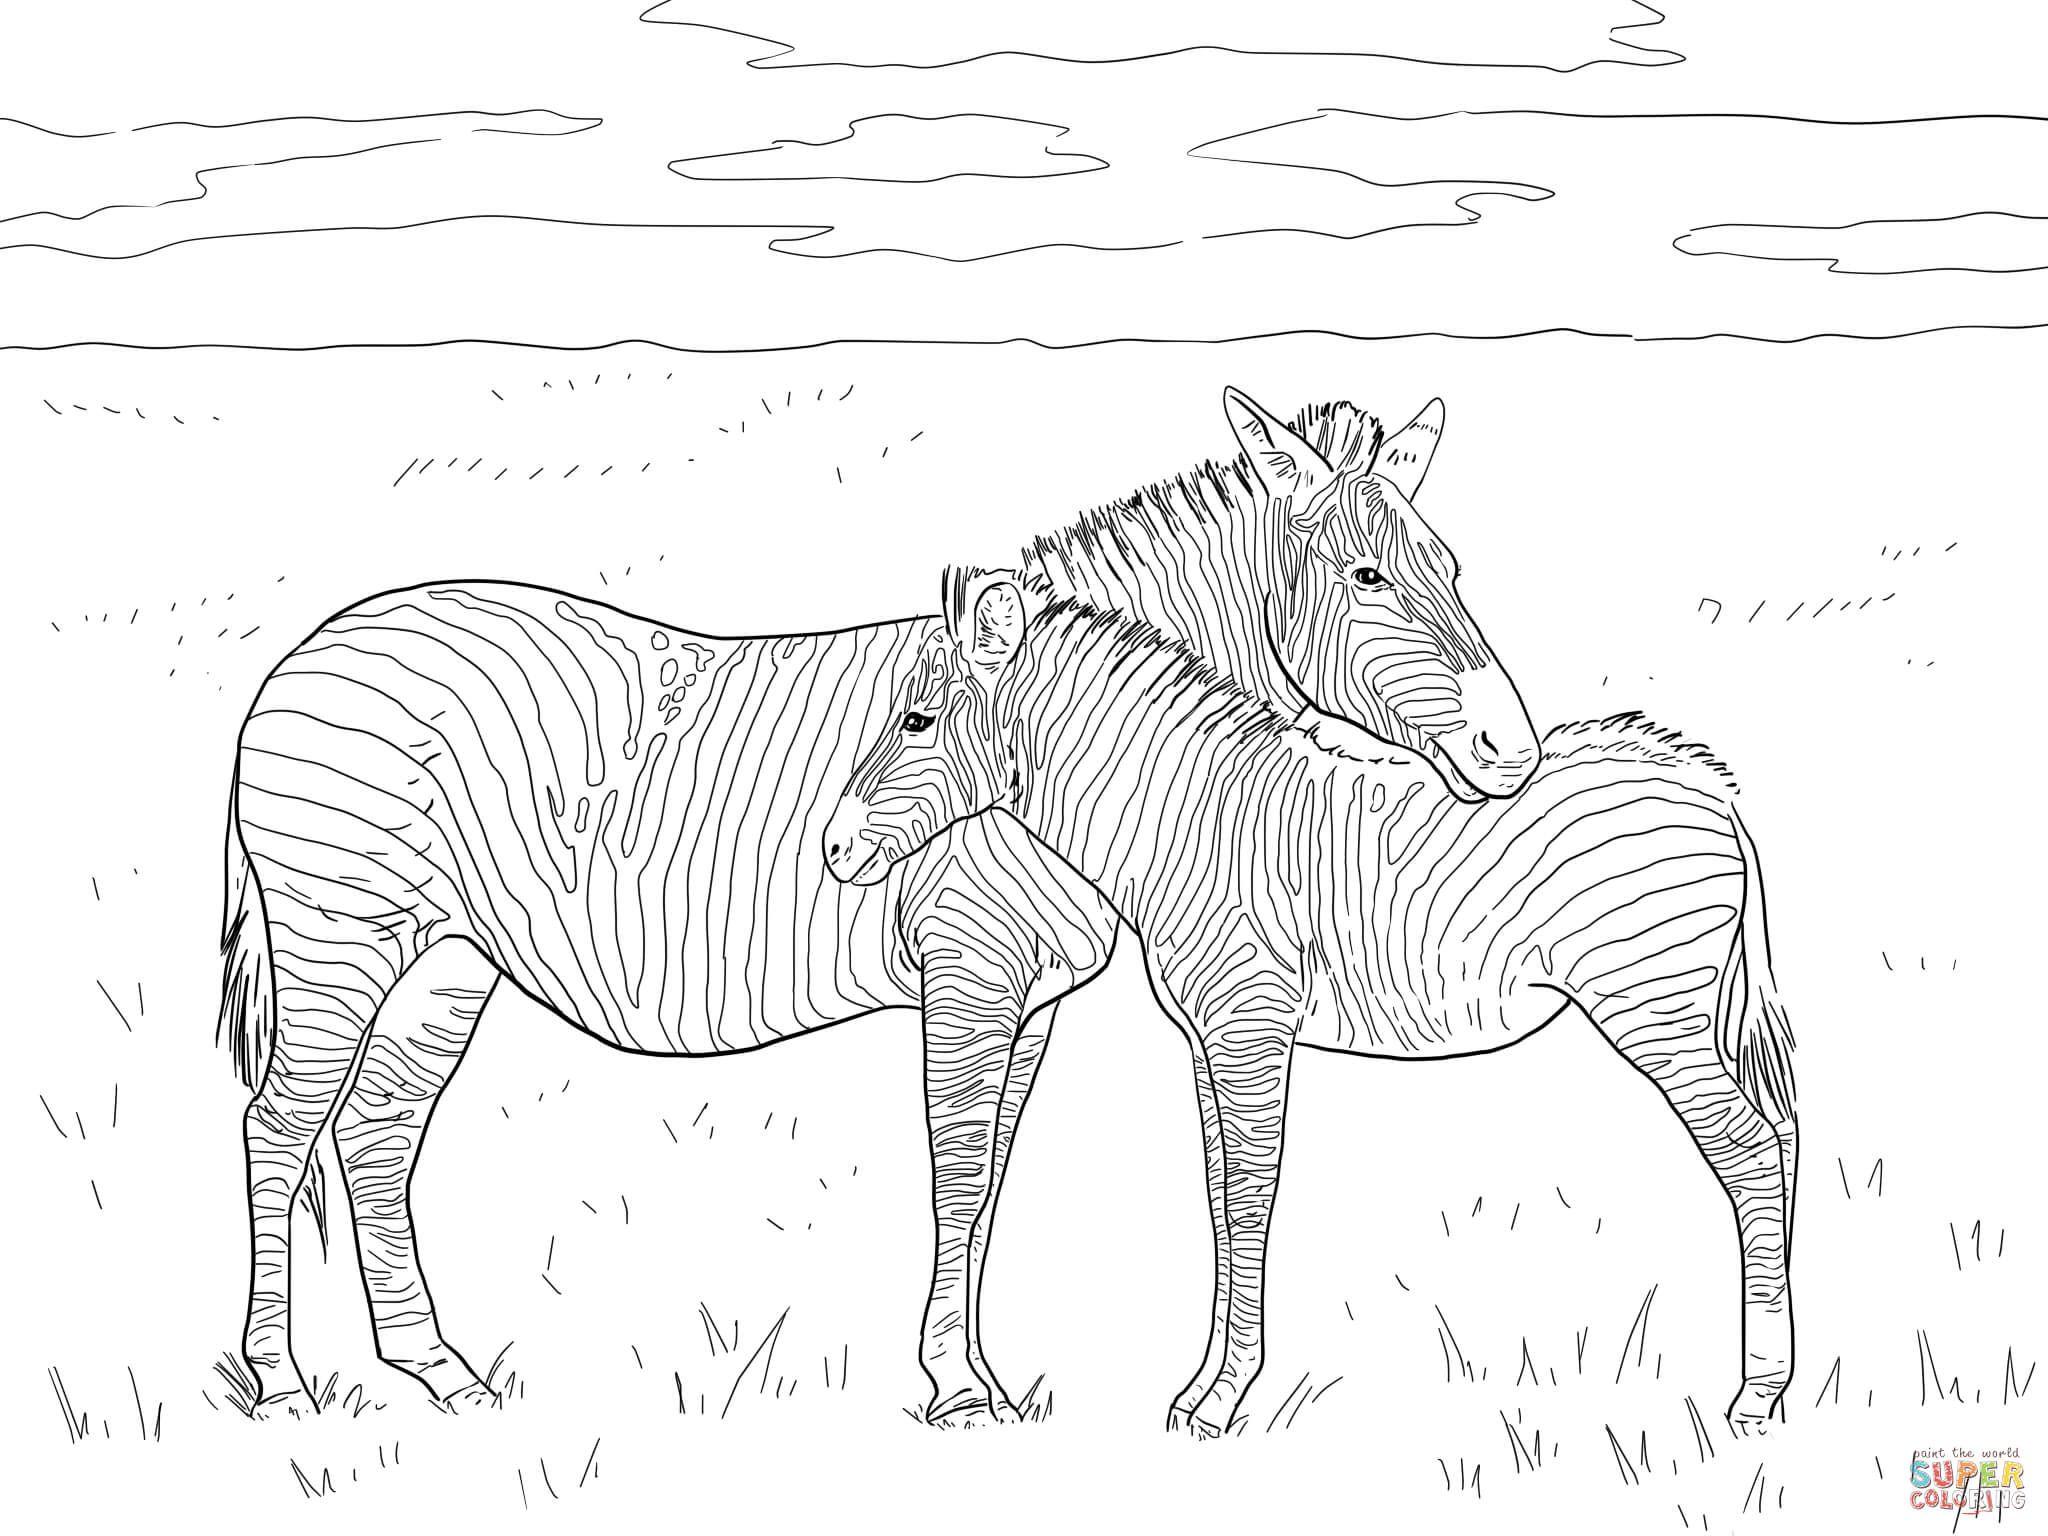 Grant S Plain Zebras Super Coloring Zebra Coloring Pages Zoo Animal Coloring Pages Animal Coloring Pages [ 1536 x 2048 Pixel ]